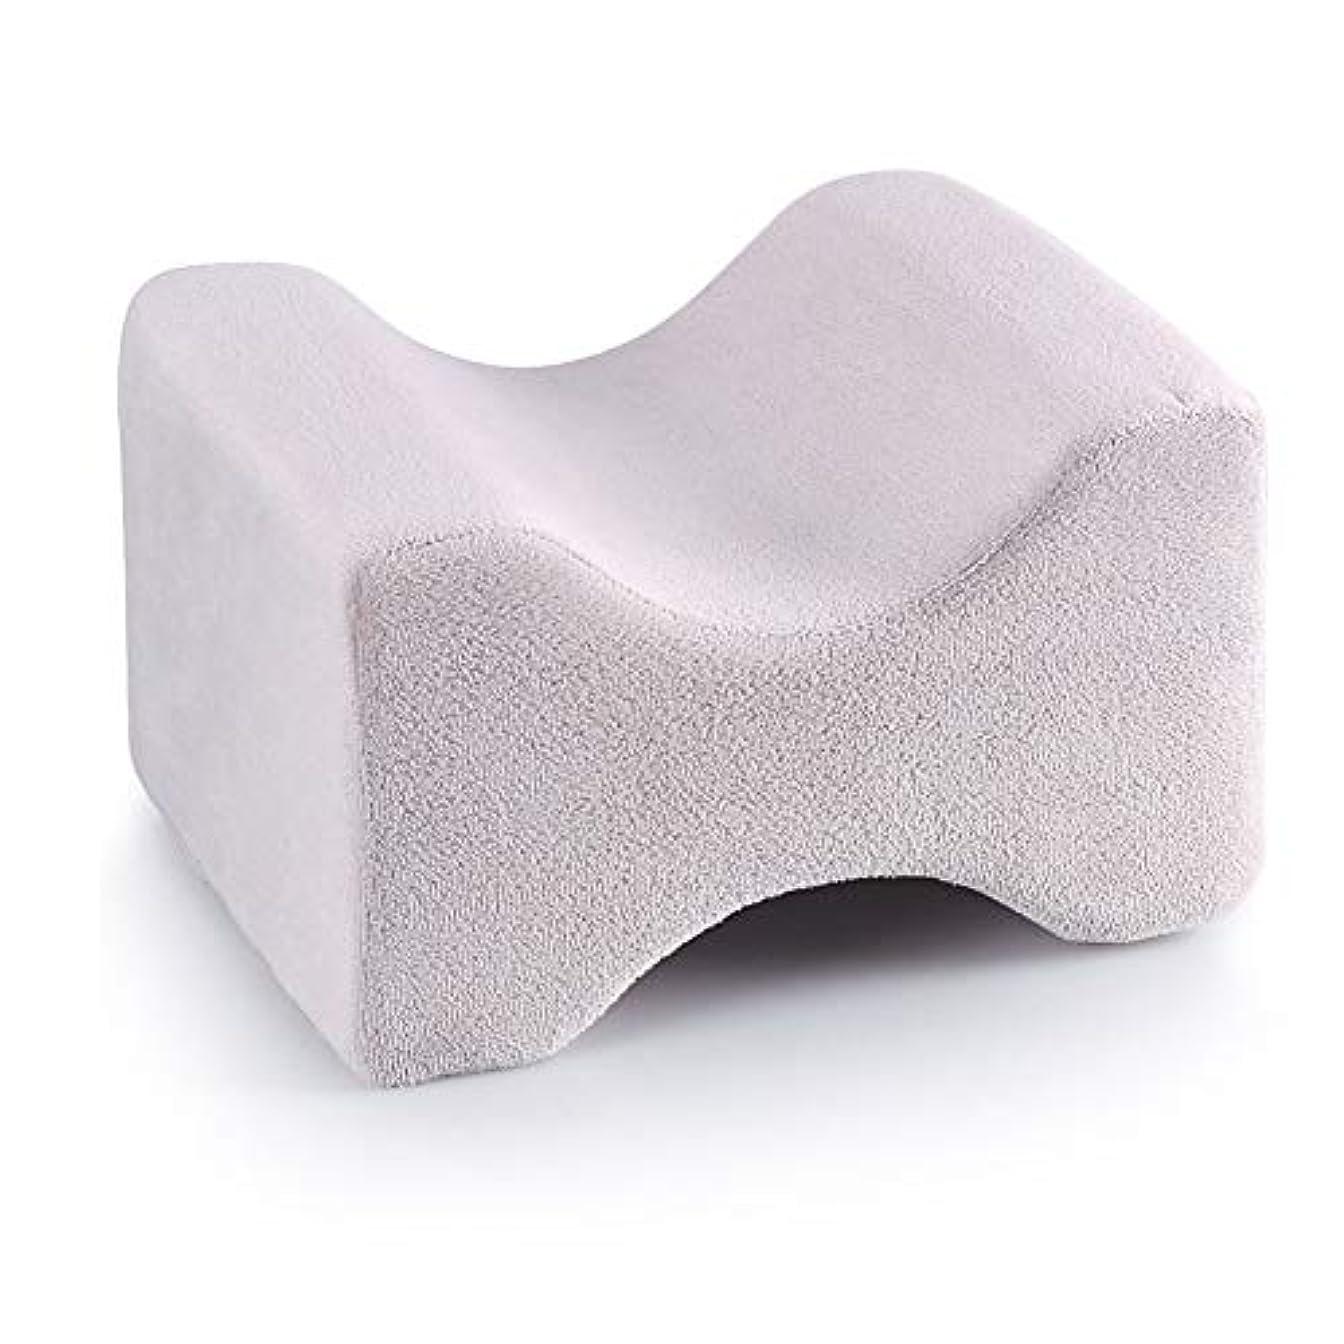 受信機結び目船3パック整形外科用膝枕用リリーフ、取り外し可能な洗えるカバー、低反発ウェッジの輪郭を促し、睡眠を促進し、血液循環を改善